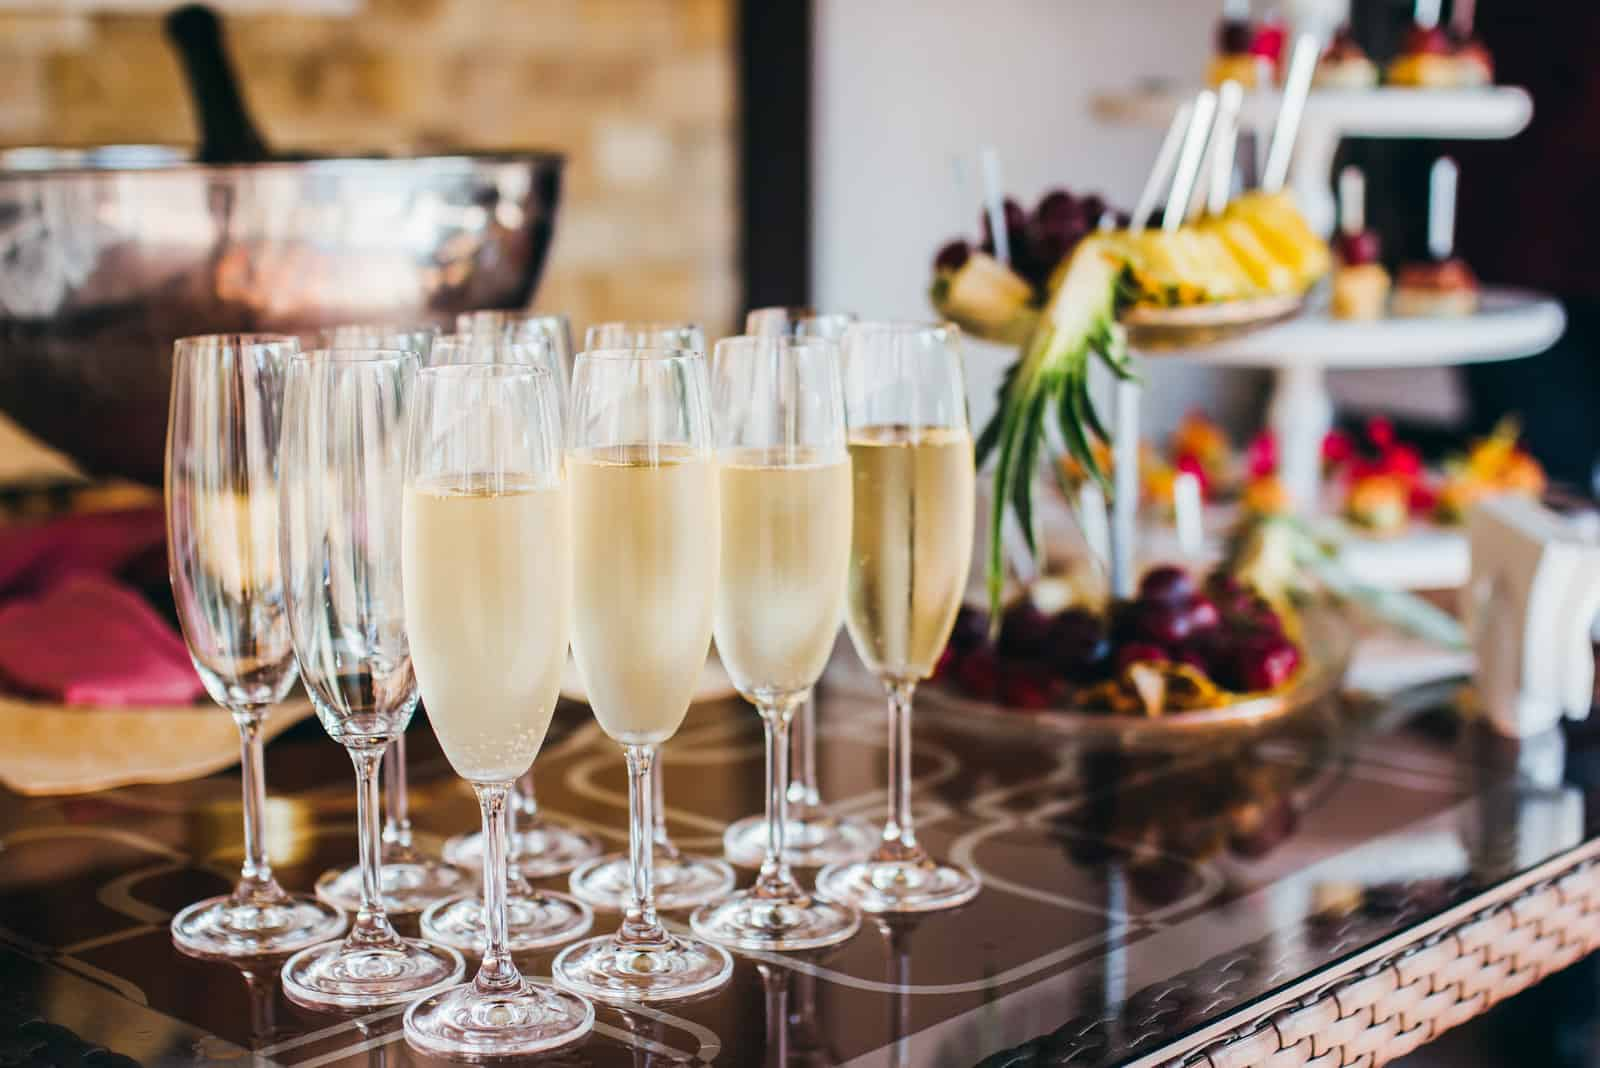 Champagner und Snacks